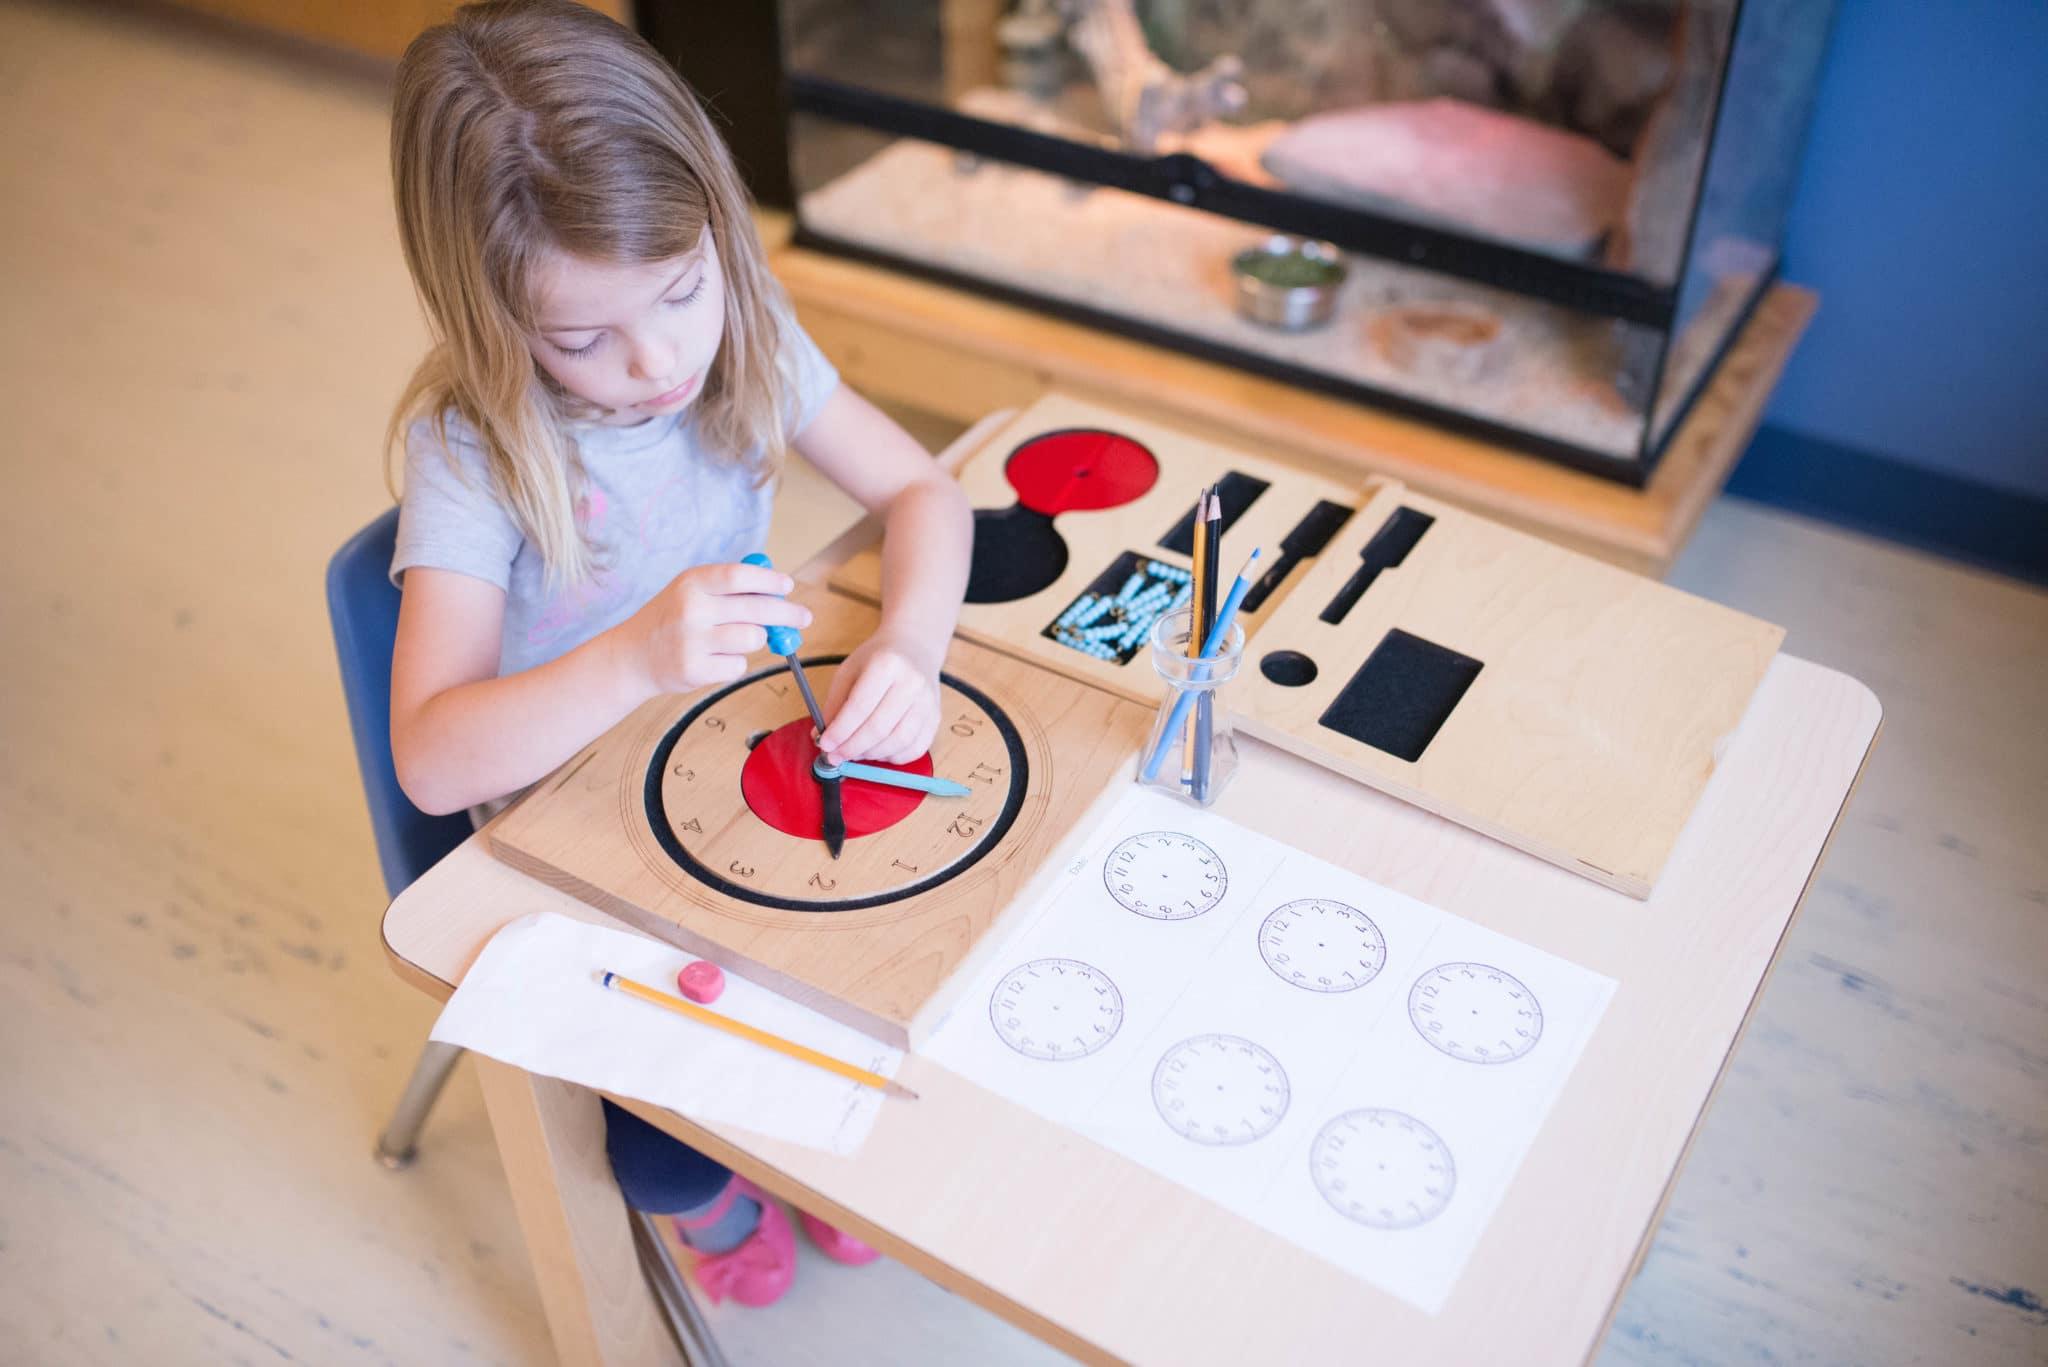 why do we prepare geometry file in montessori